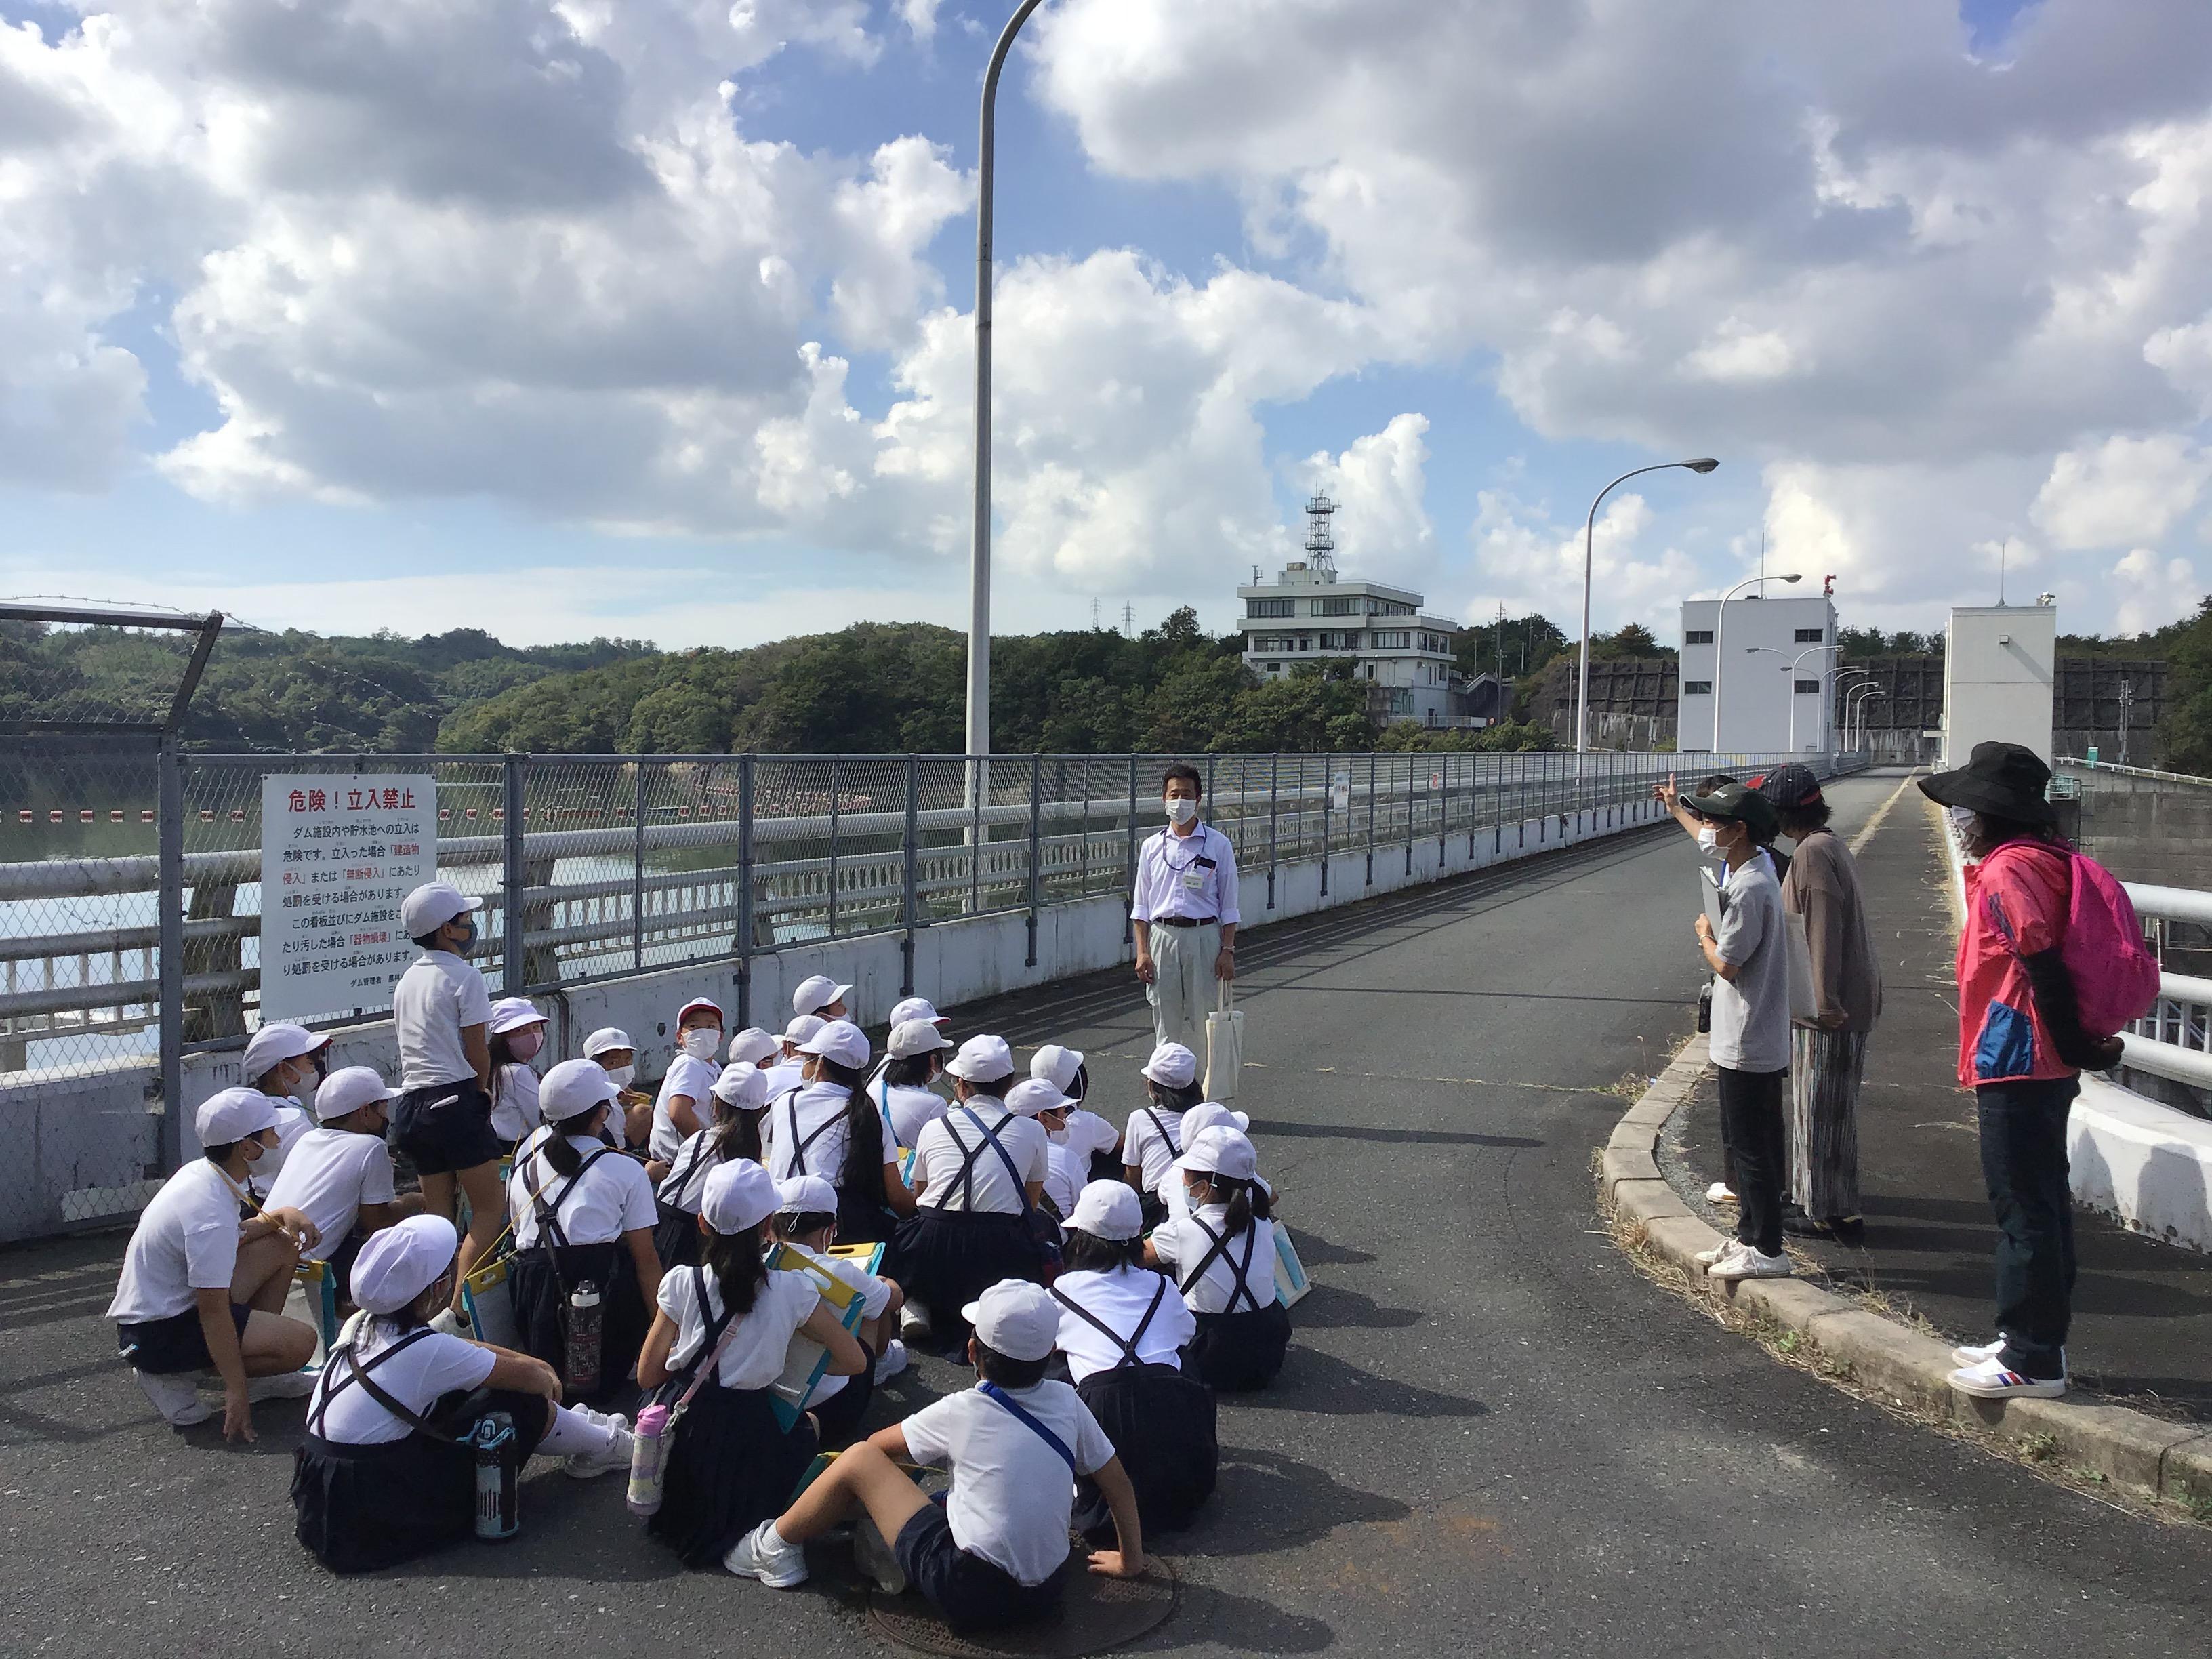 吞吐ダム 説明をして頂いた福森所長(中央こちら向き)にお礼を言う児童。奥の建物がダム管理棟。